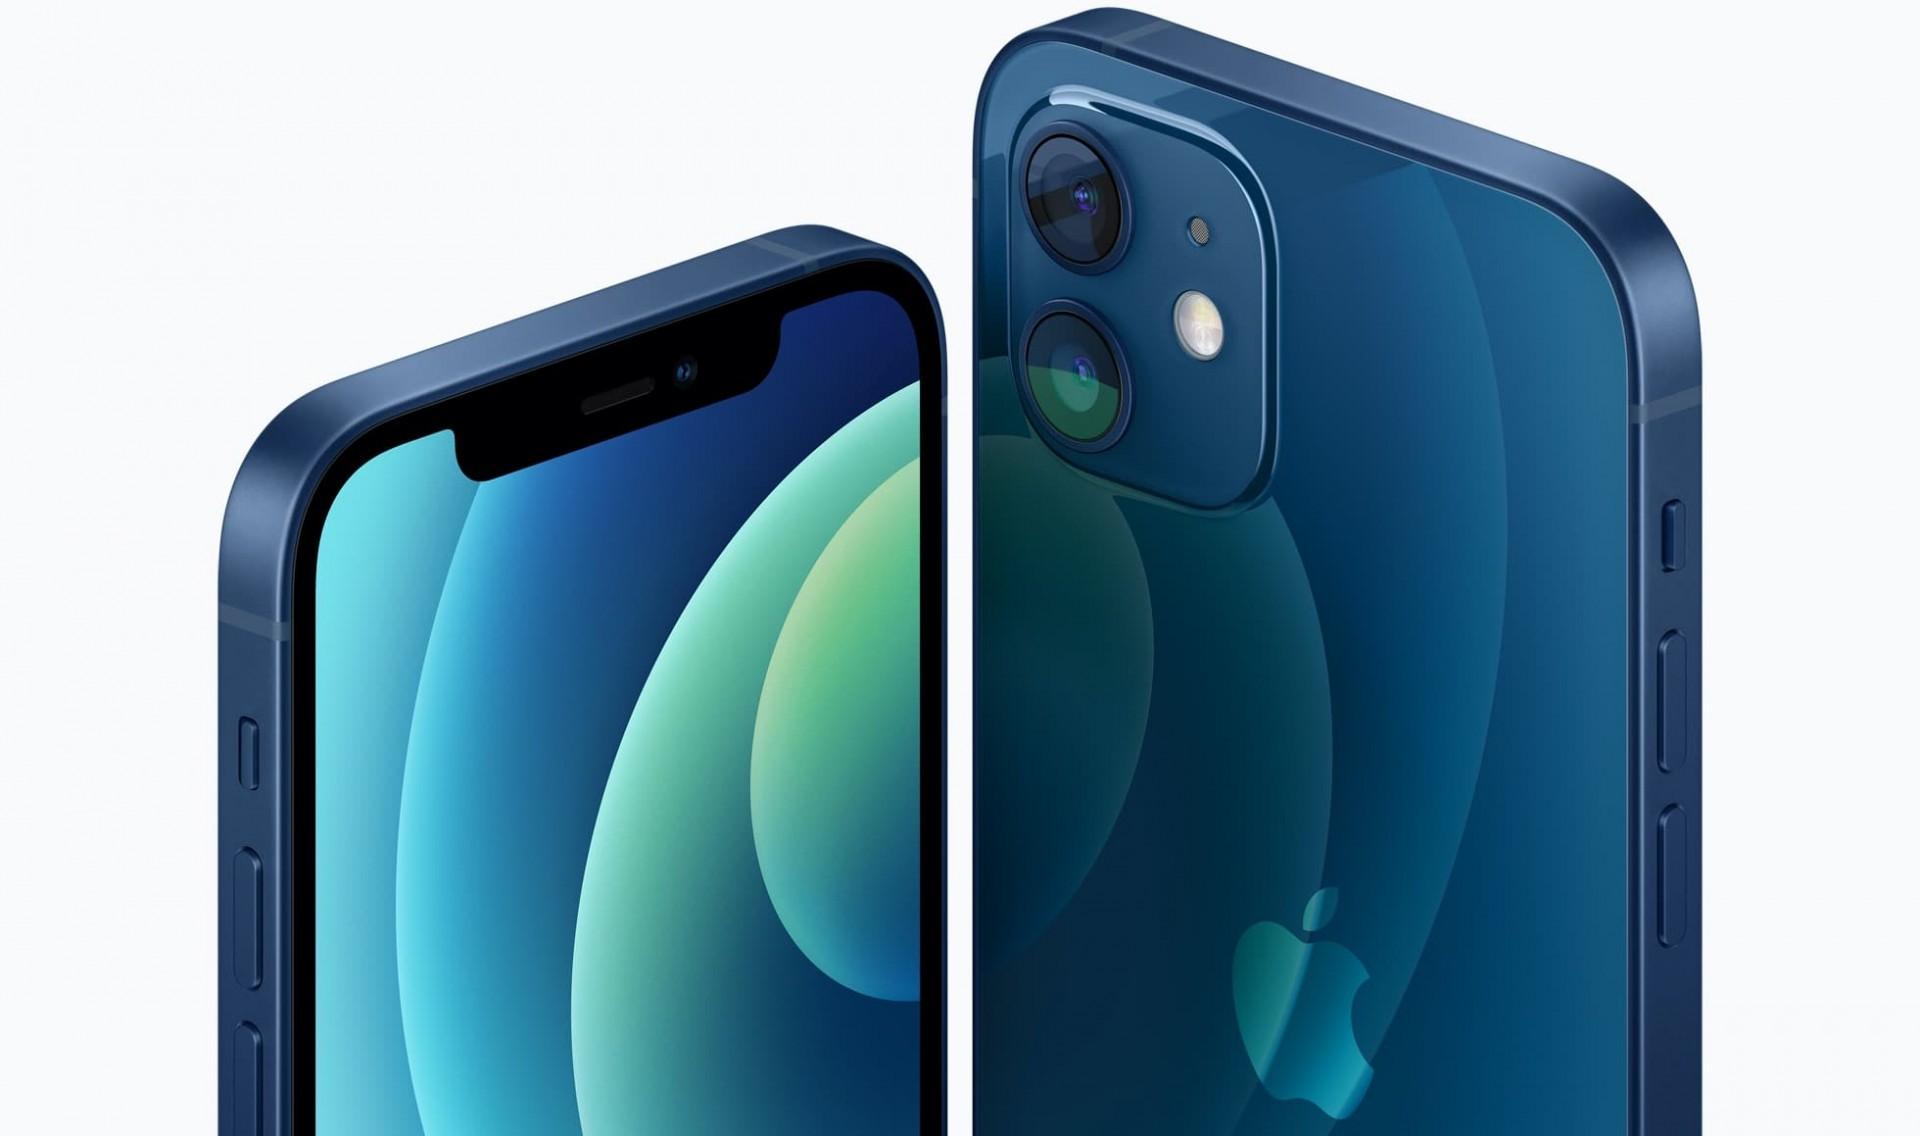 Afinal quanto custa o novo iPhone 12 em Portugal?